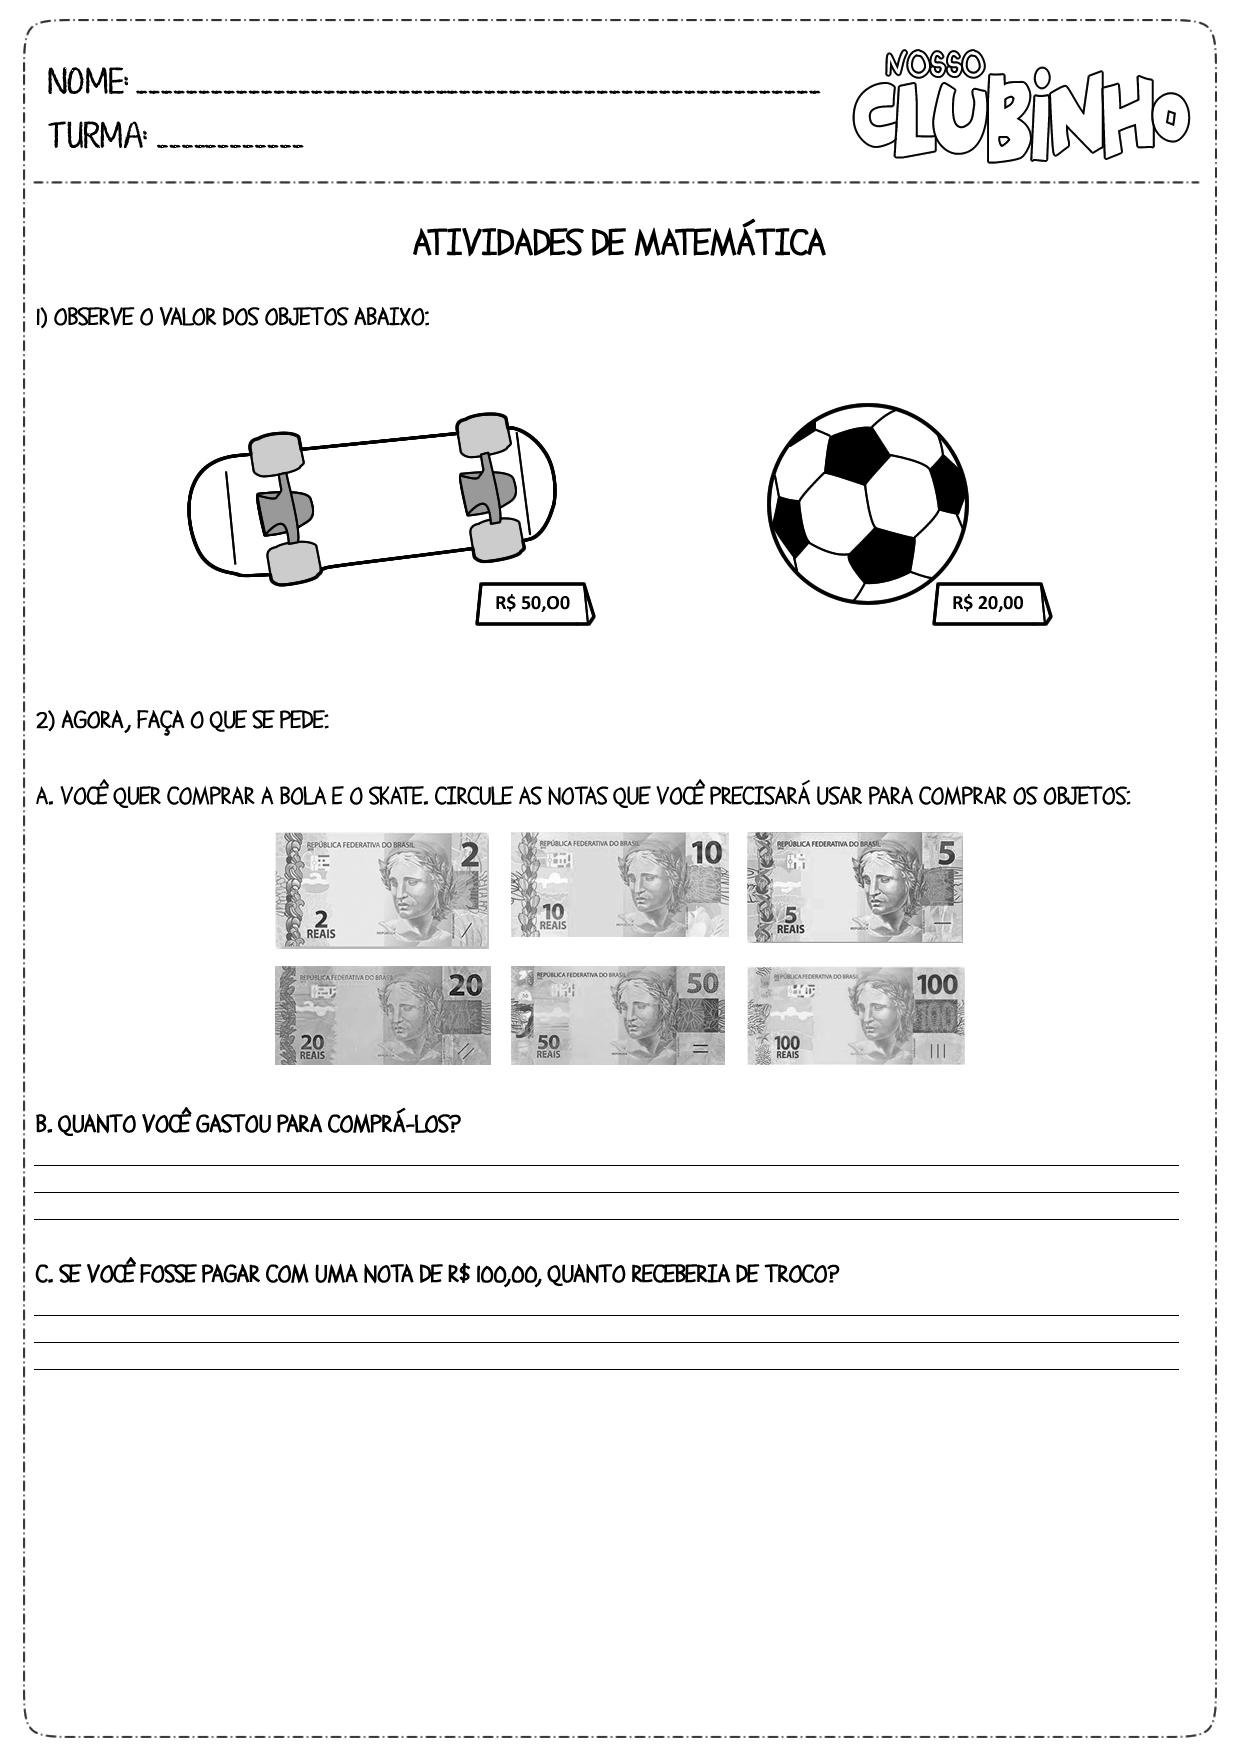 Favoritos Atividades de Matemática: Sistema Monetário IV - Nosso Clubinho DK22